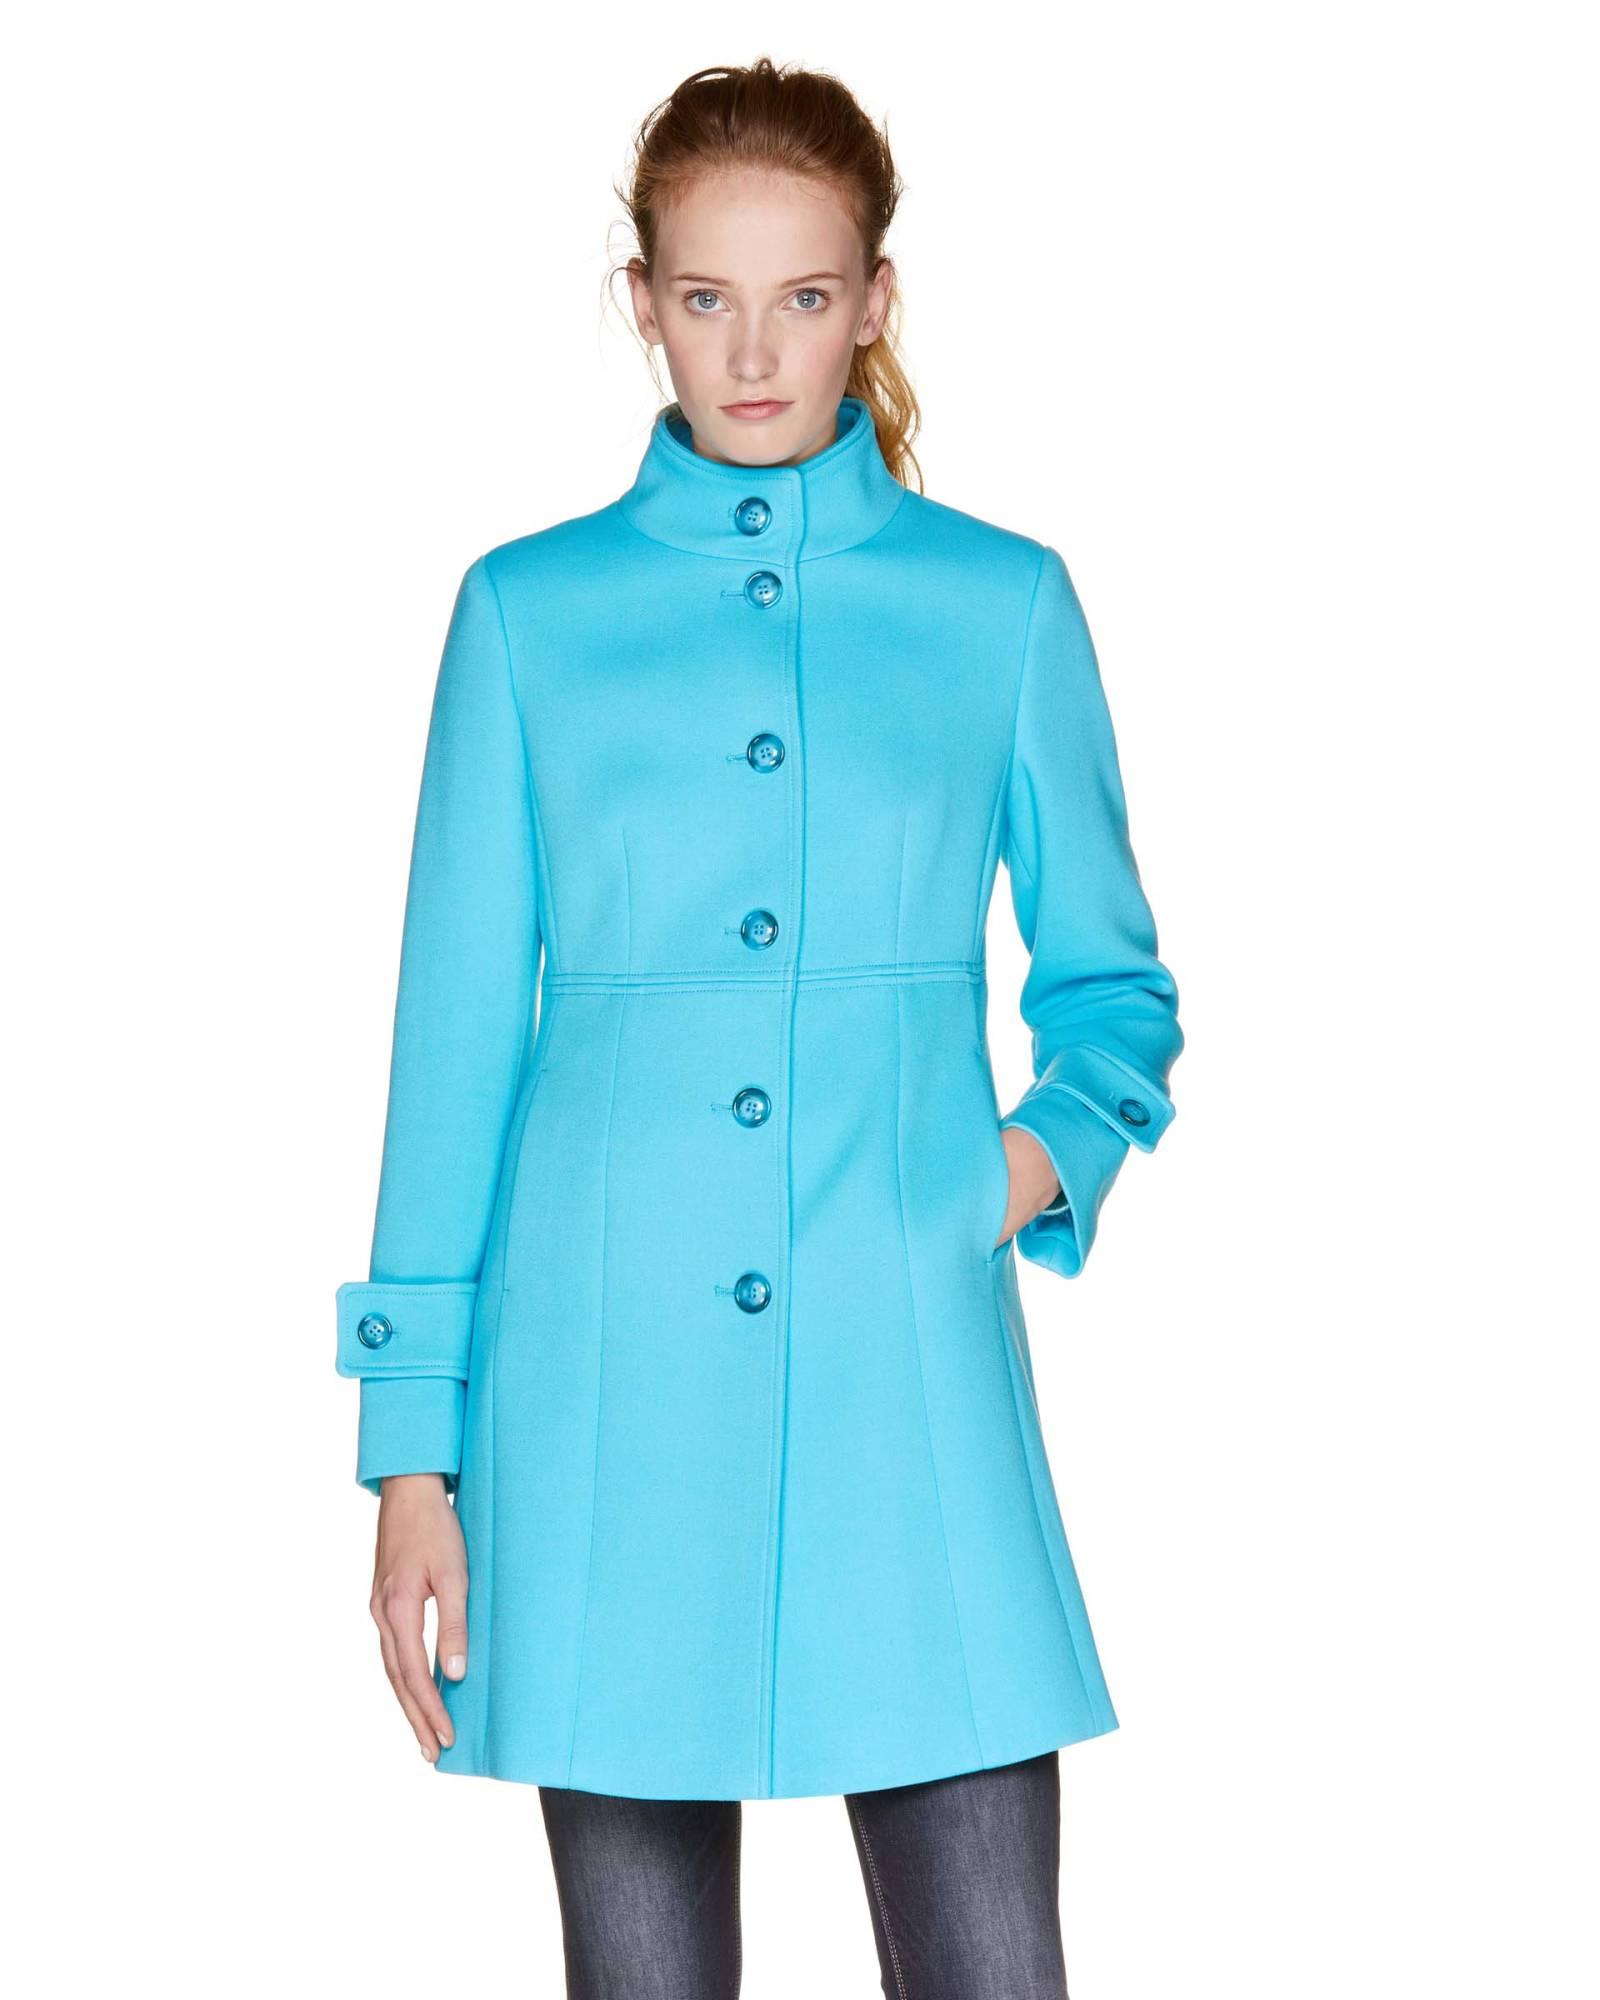 Abbigliamento Donna Nuova Collezione 2019  bf5bf51539c